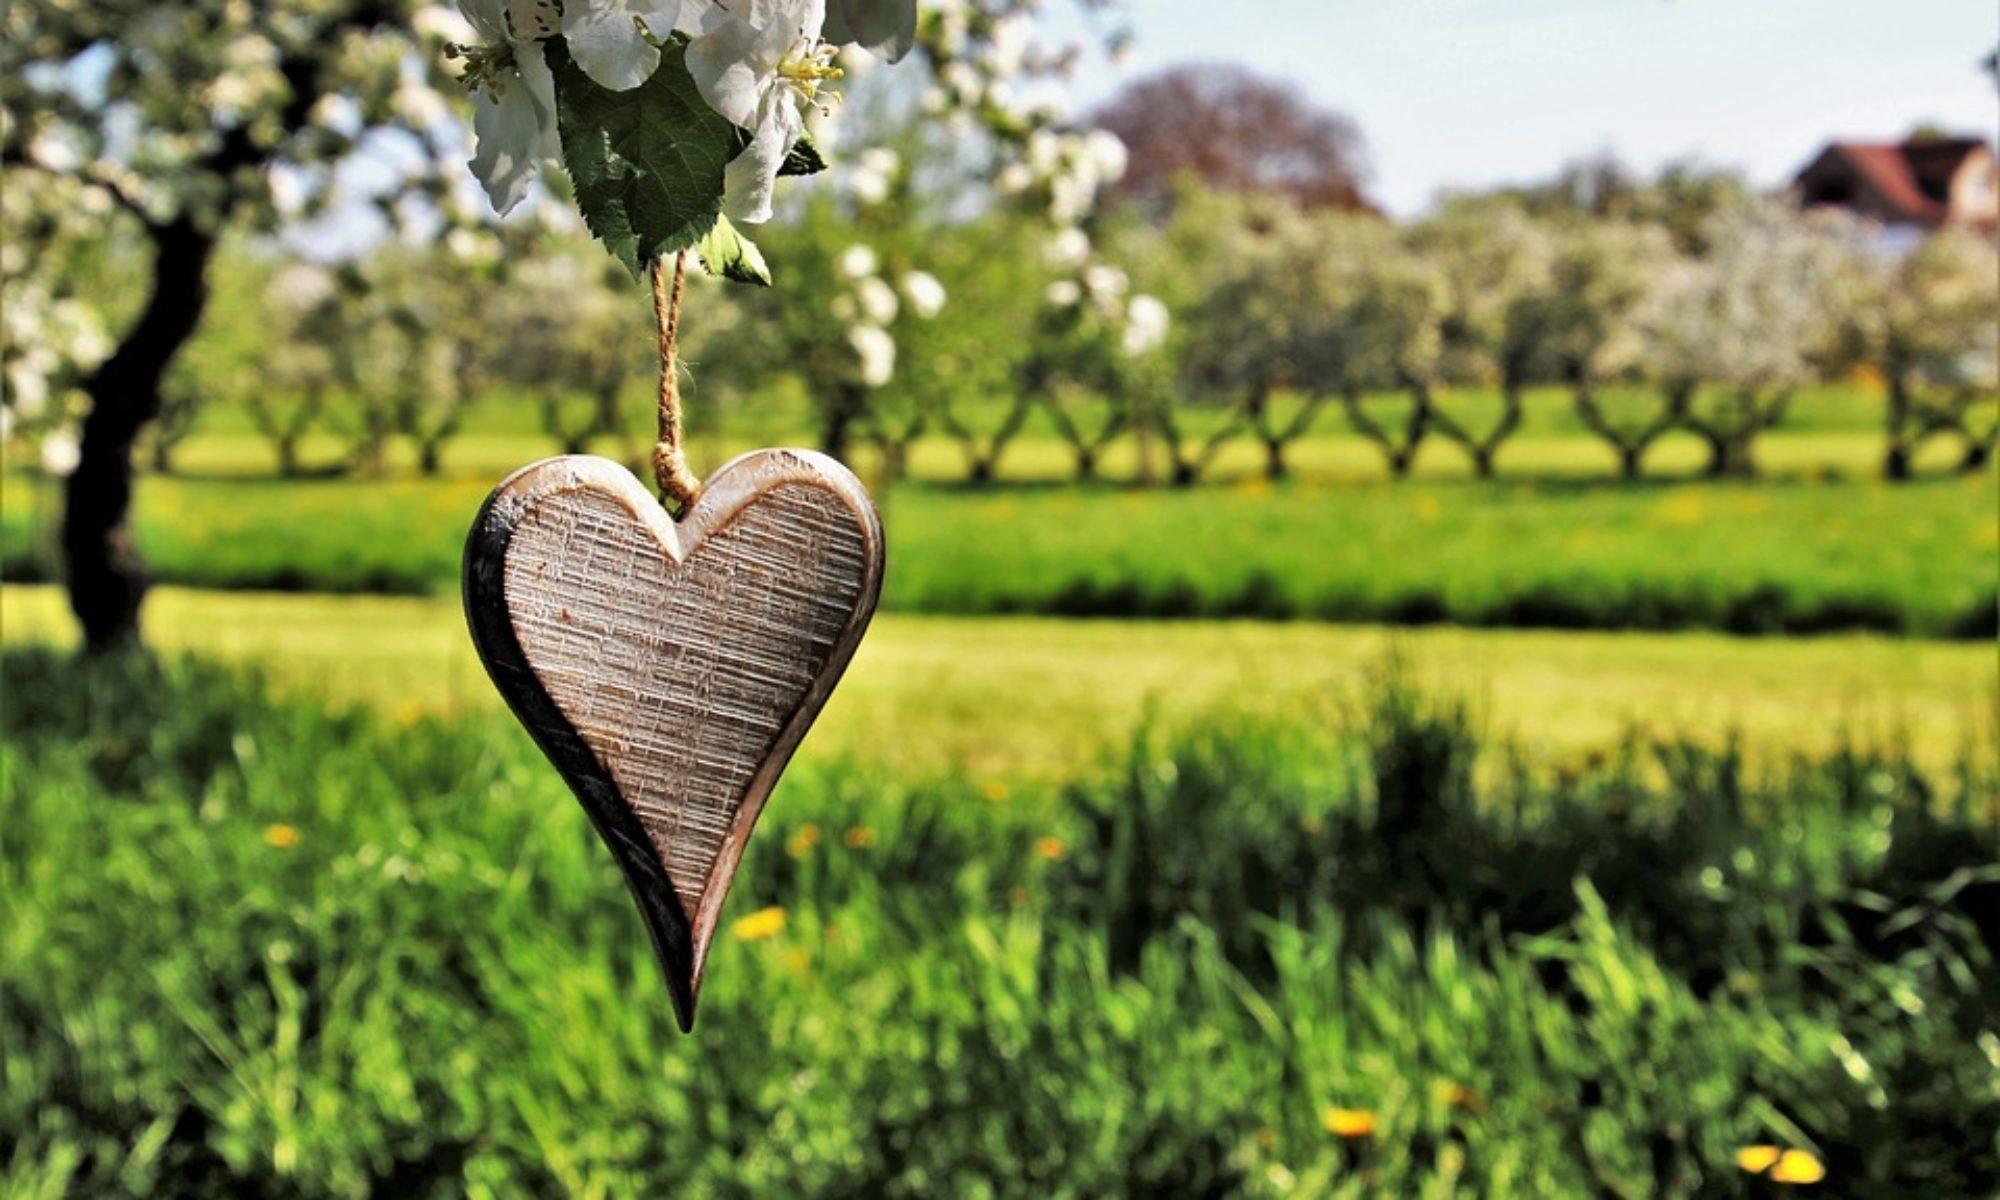 armonia benessere cura empatia sensibilità ambiente